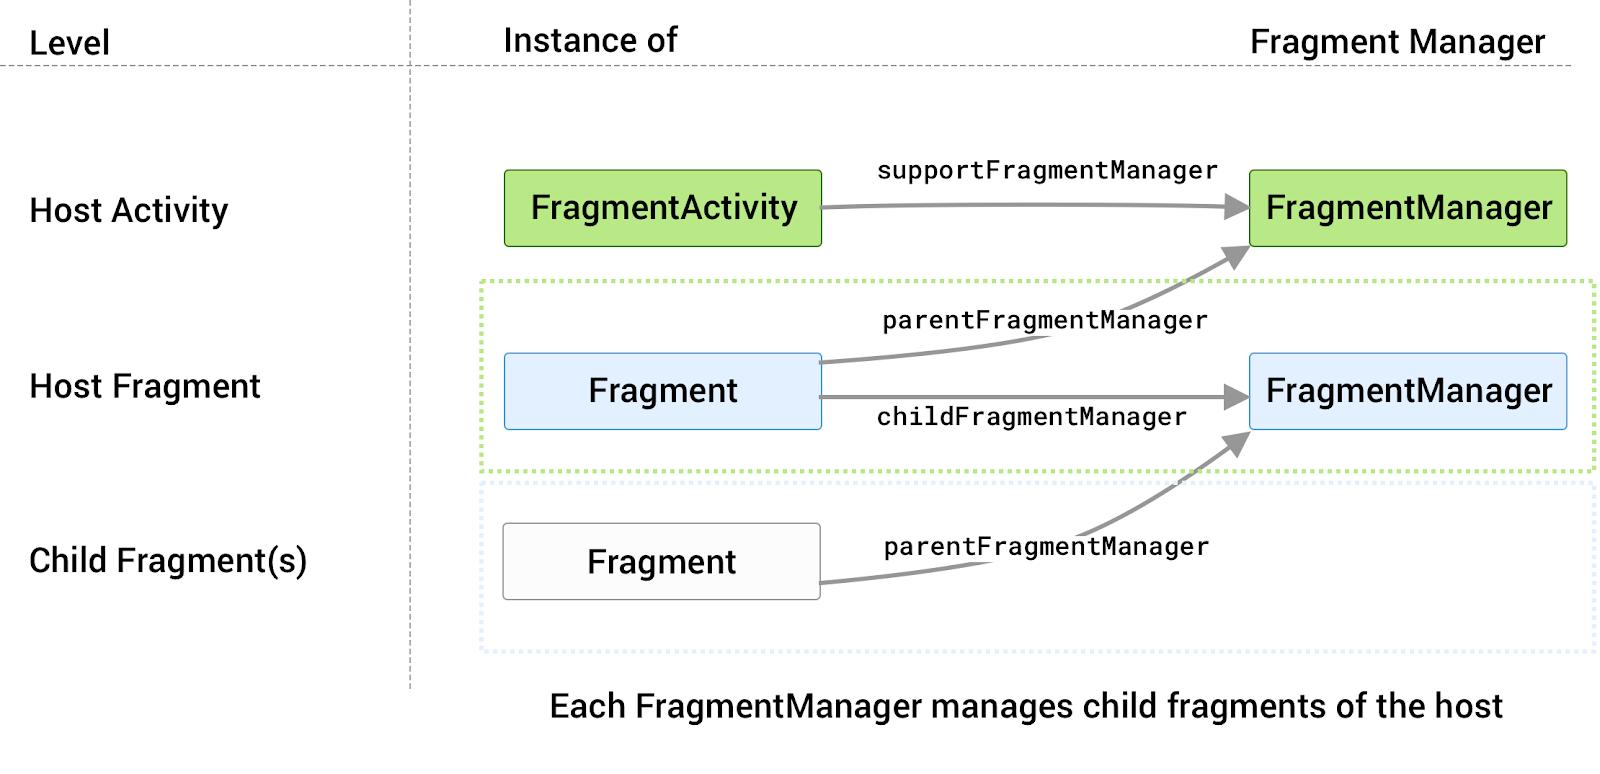 setiap host memiliki FragmentManager masing-masing yang terkait dengannya yang mengelola fragmen turunannya